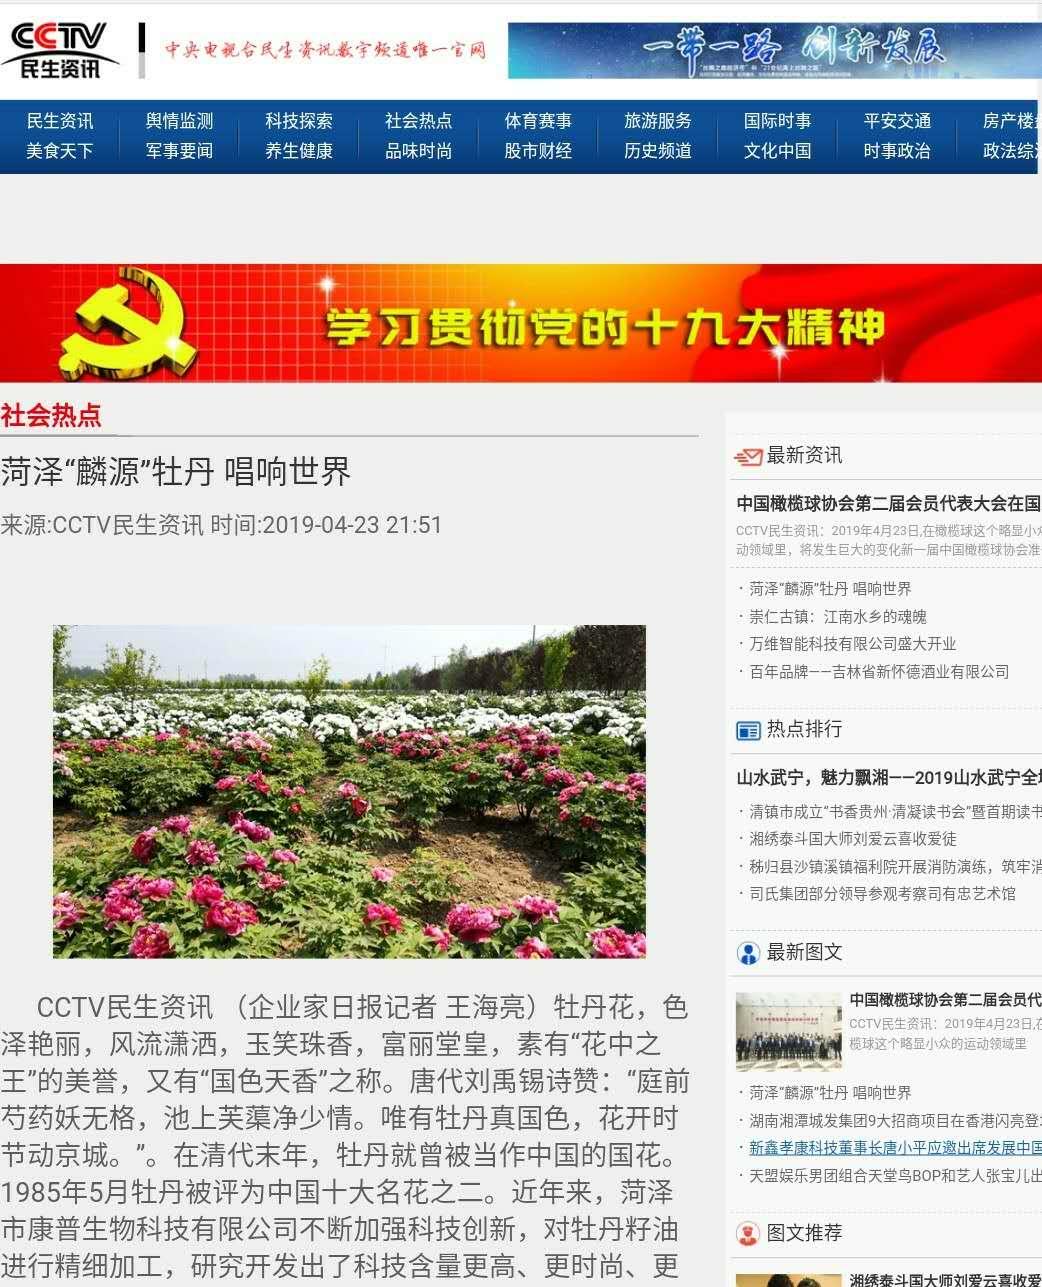 麟源牡丹刊登CCTV民生频道成为社会热点